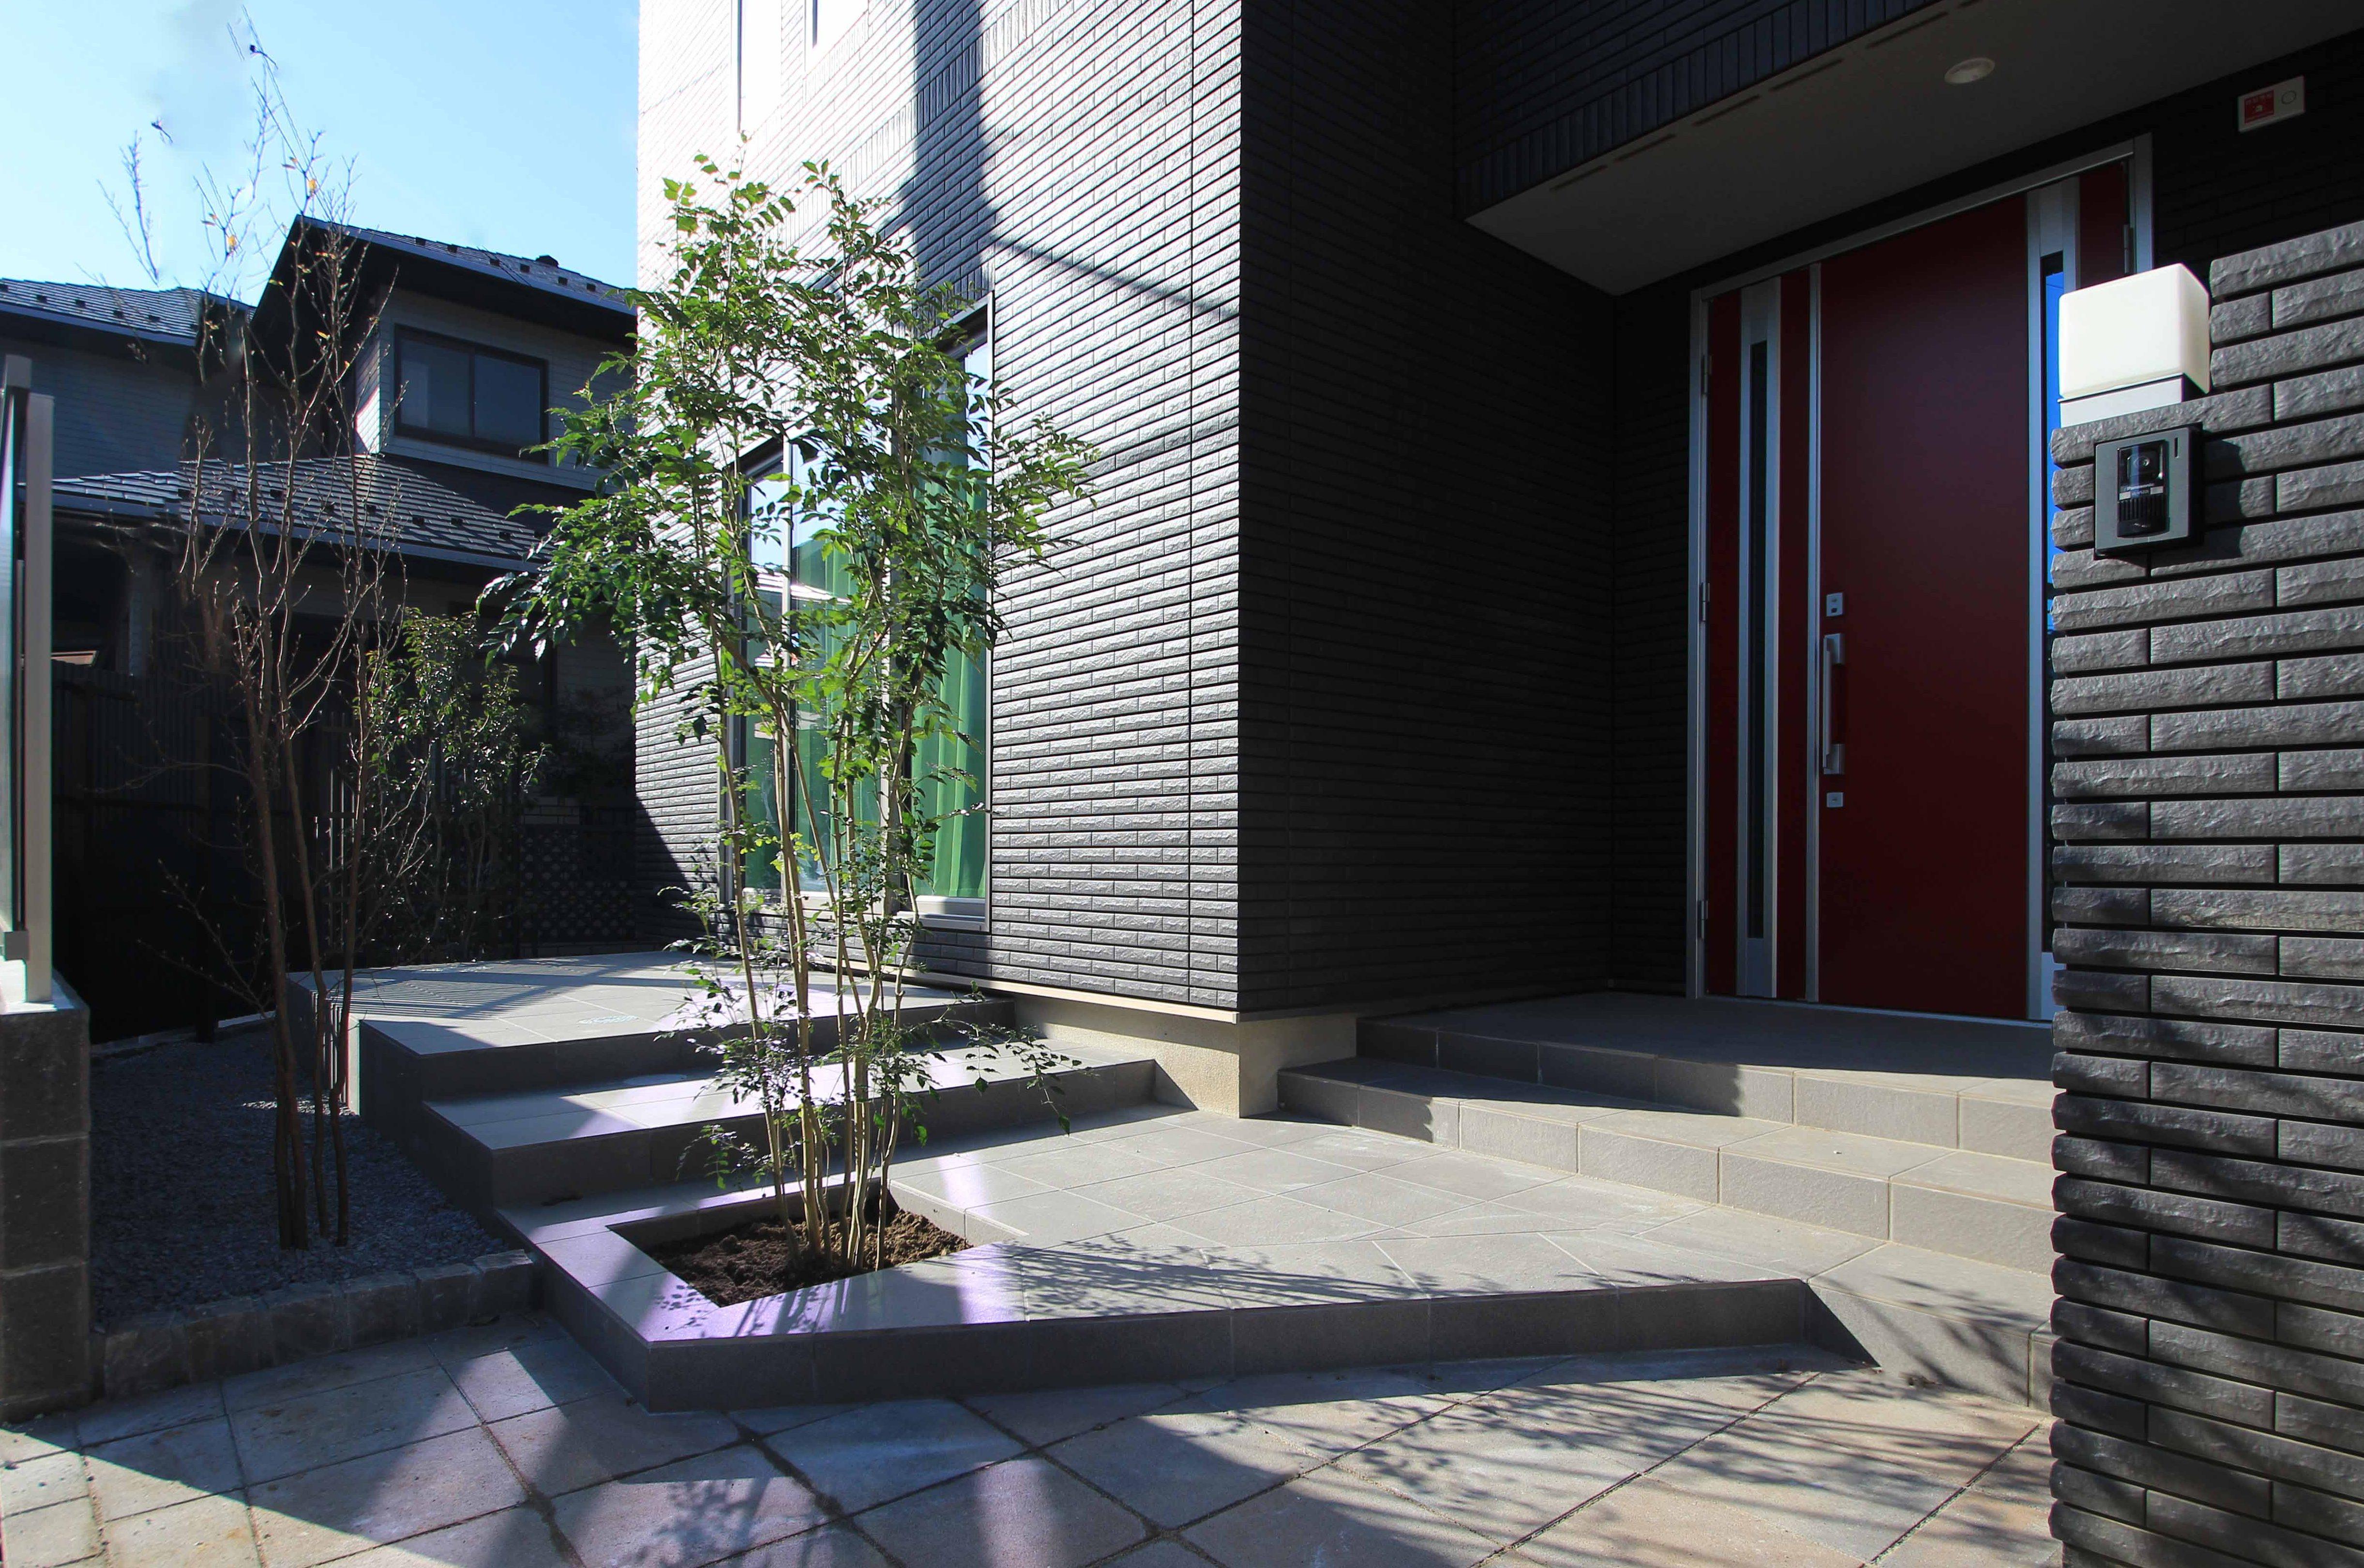 千葉市稲毛区。<br>シックなタイルテラスのアプローチ。6